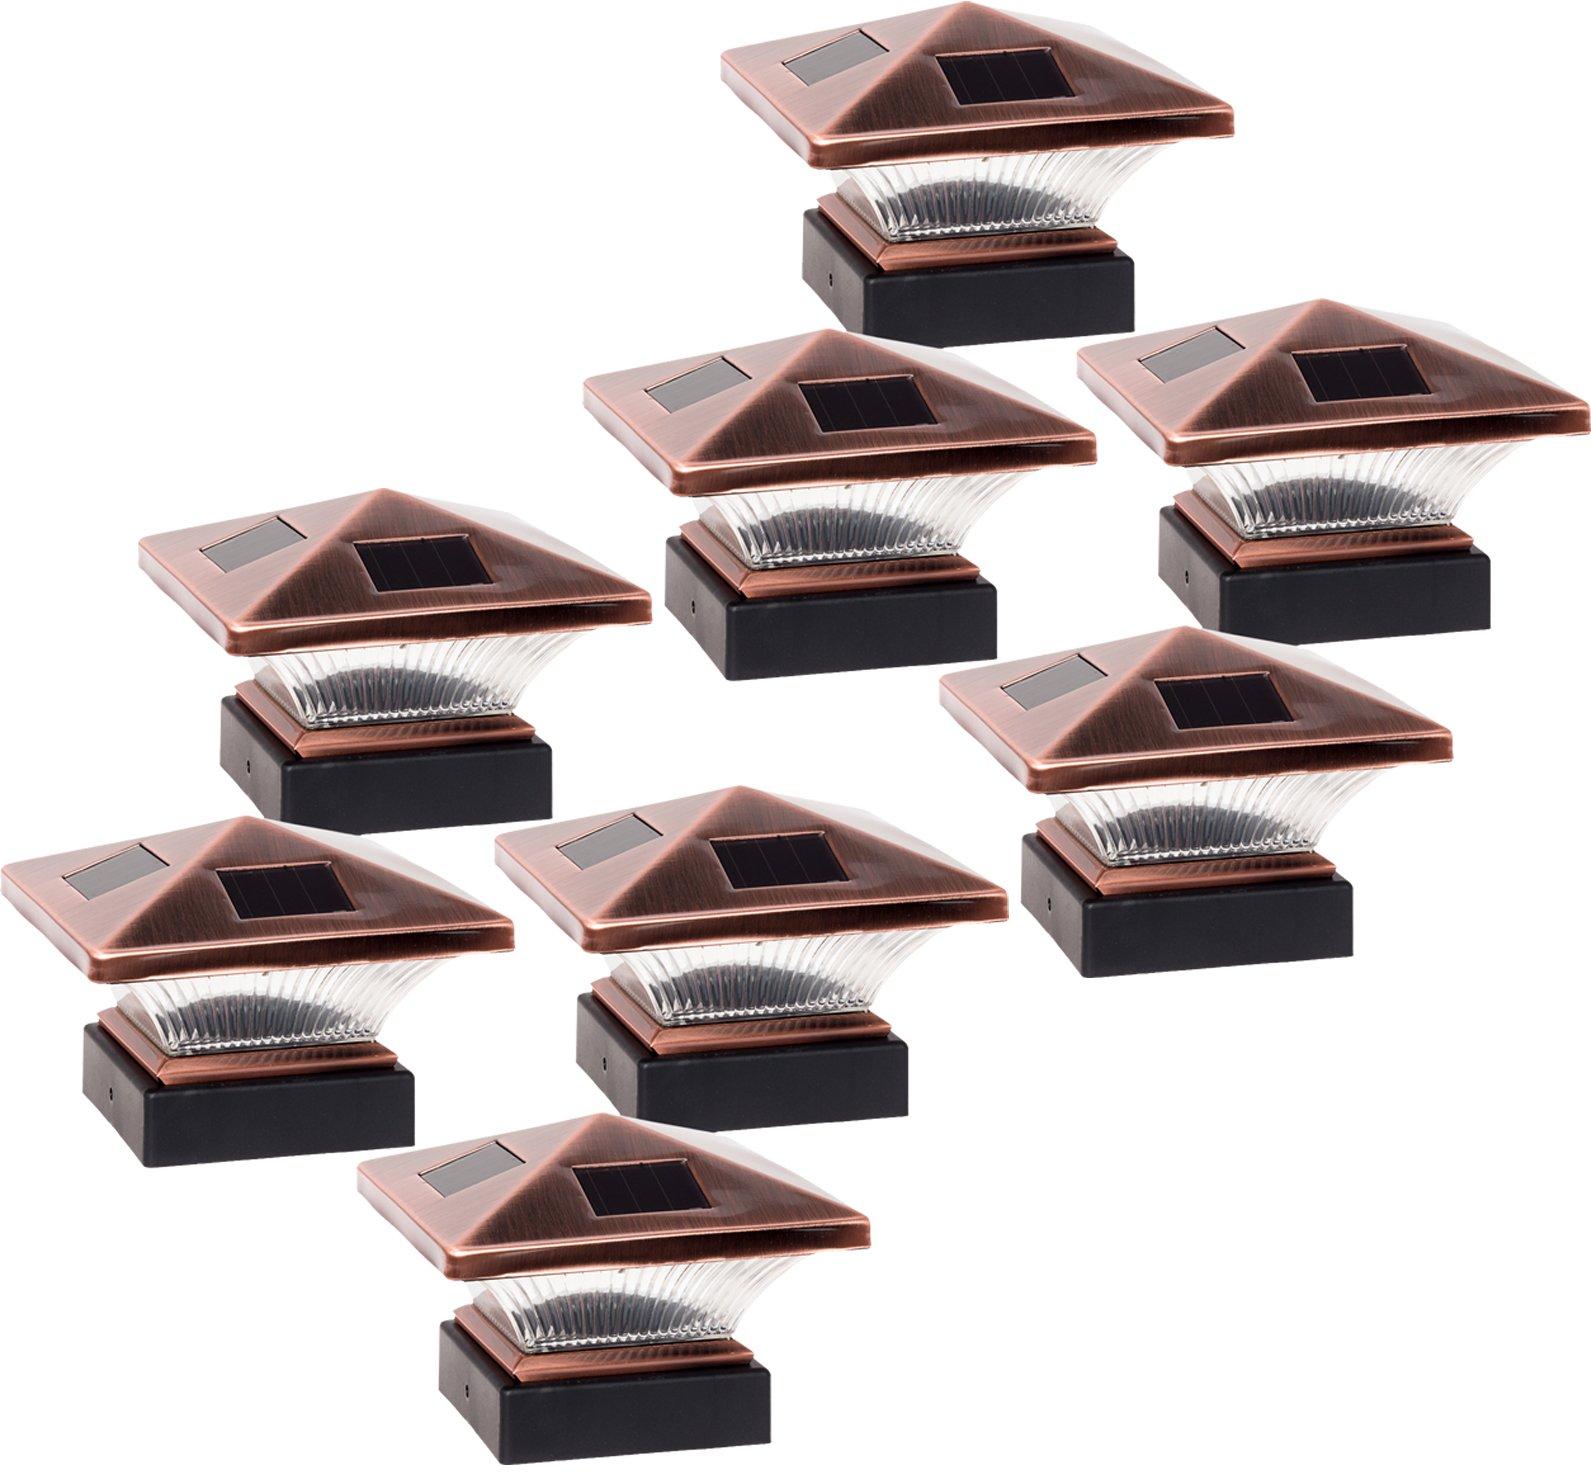 GreenLighting 8 Pack Siena Solar 5 Lumen Deck Patio Post Cap Light for 4x4 Wood Posts (Bronze)